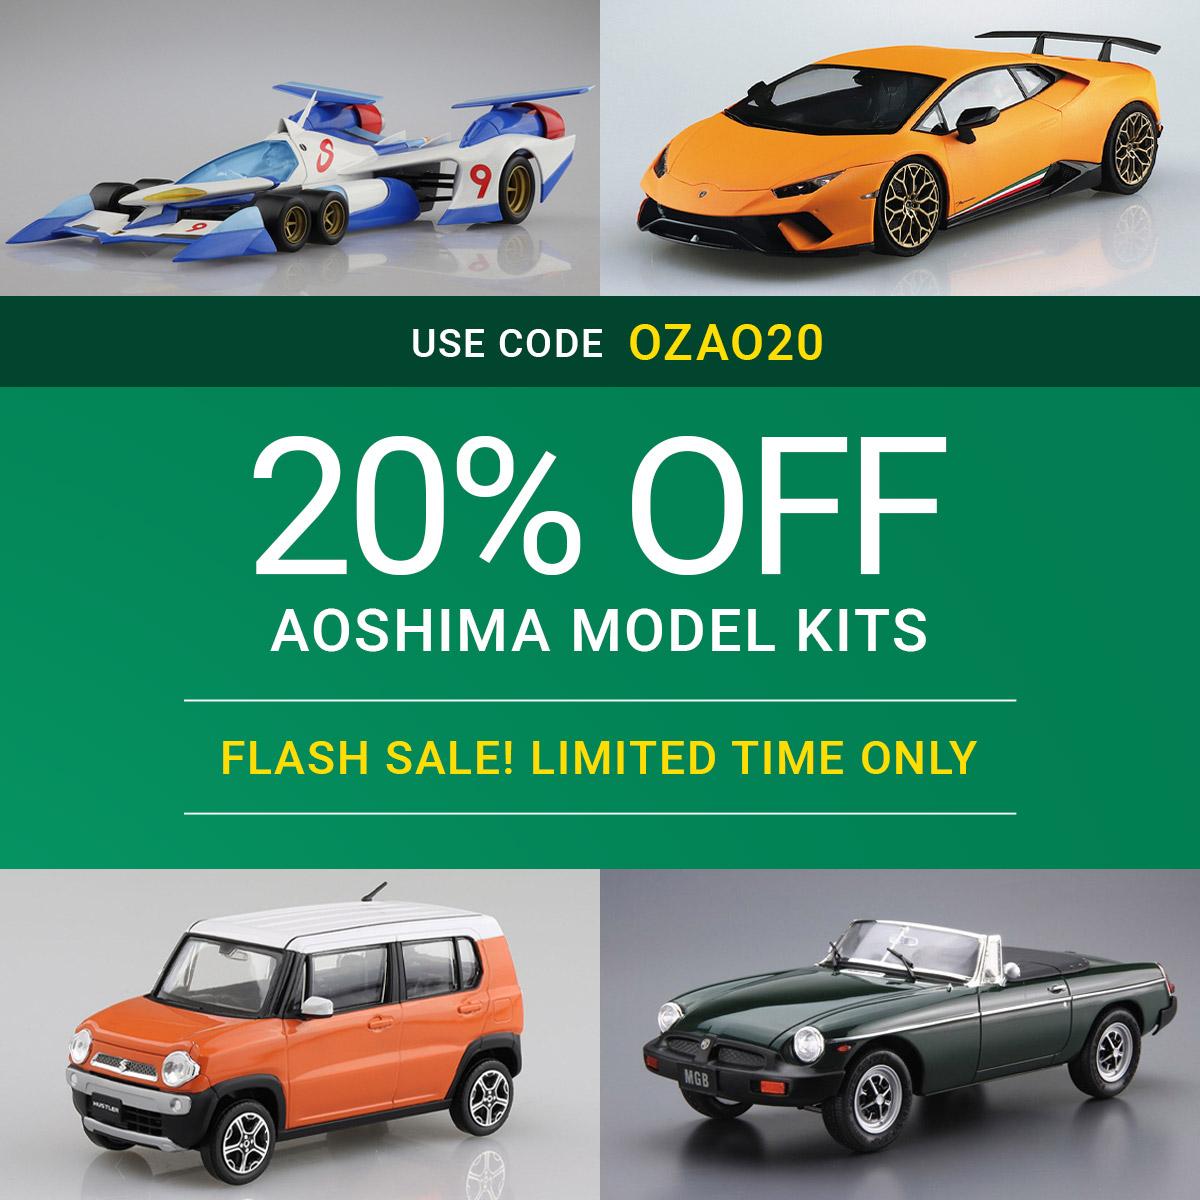 Aoshima Model Kit Sale